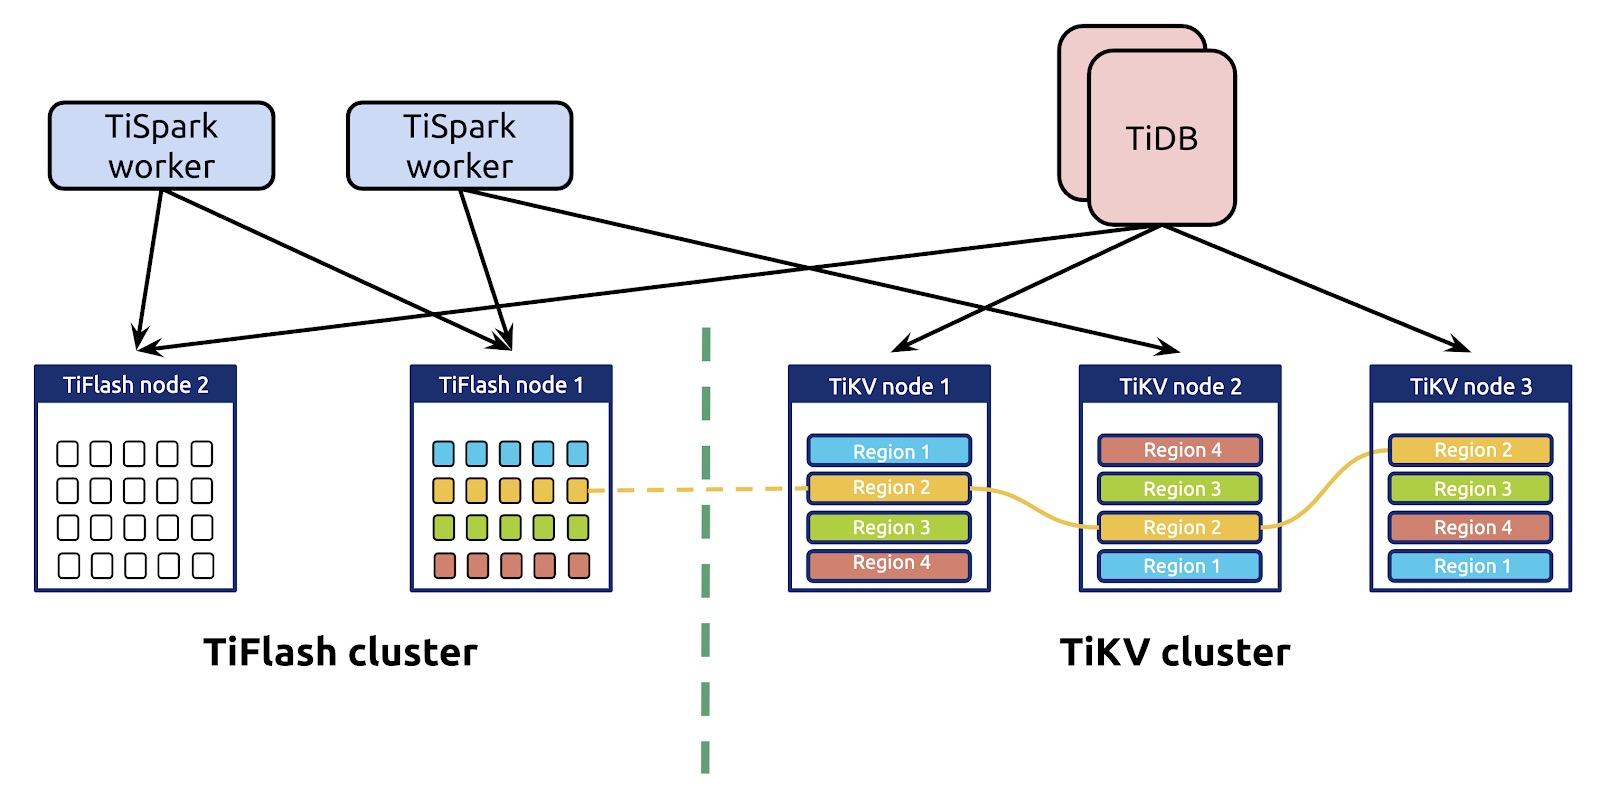 TiDB 4.0 HTAP architecture